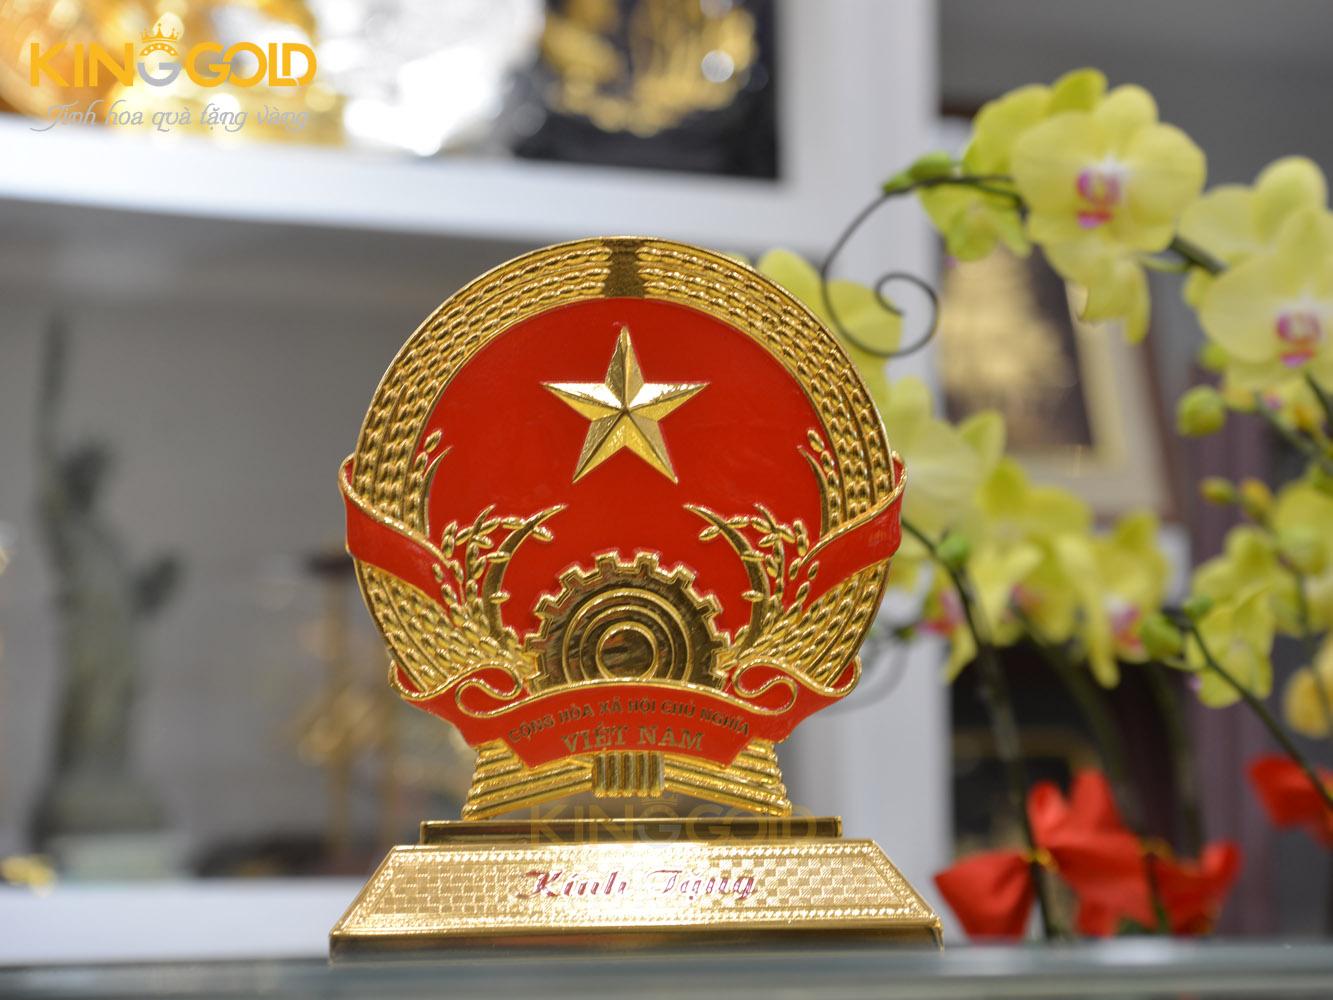 Mẫu quà tặng đại hội Đảng đẹp gia rẻ. Địa chỉ đặt quà phục vụ đại hội đảng tại Hà Nội